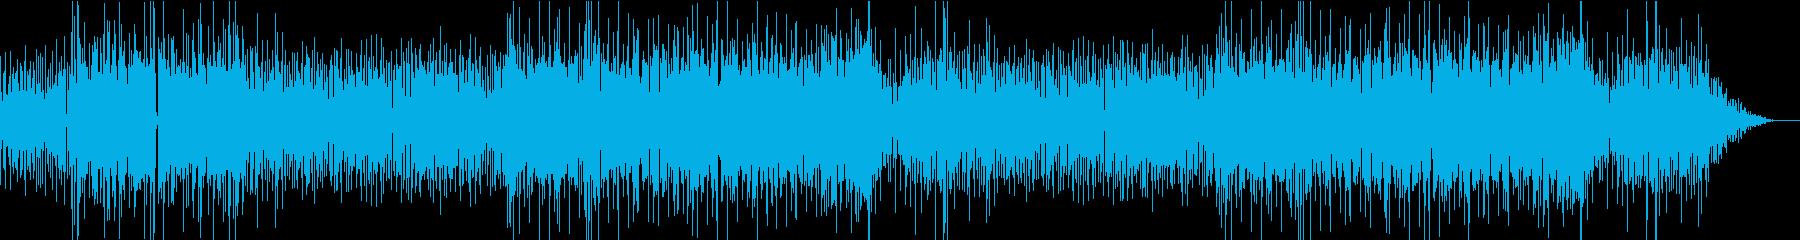 ミドルテンポのファンクっぽいBGMの再生済みの波形